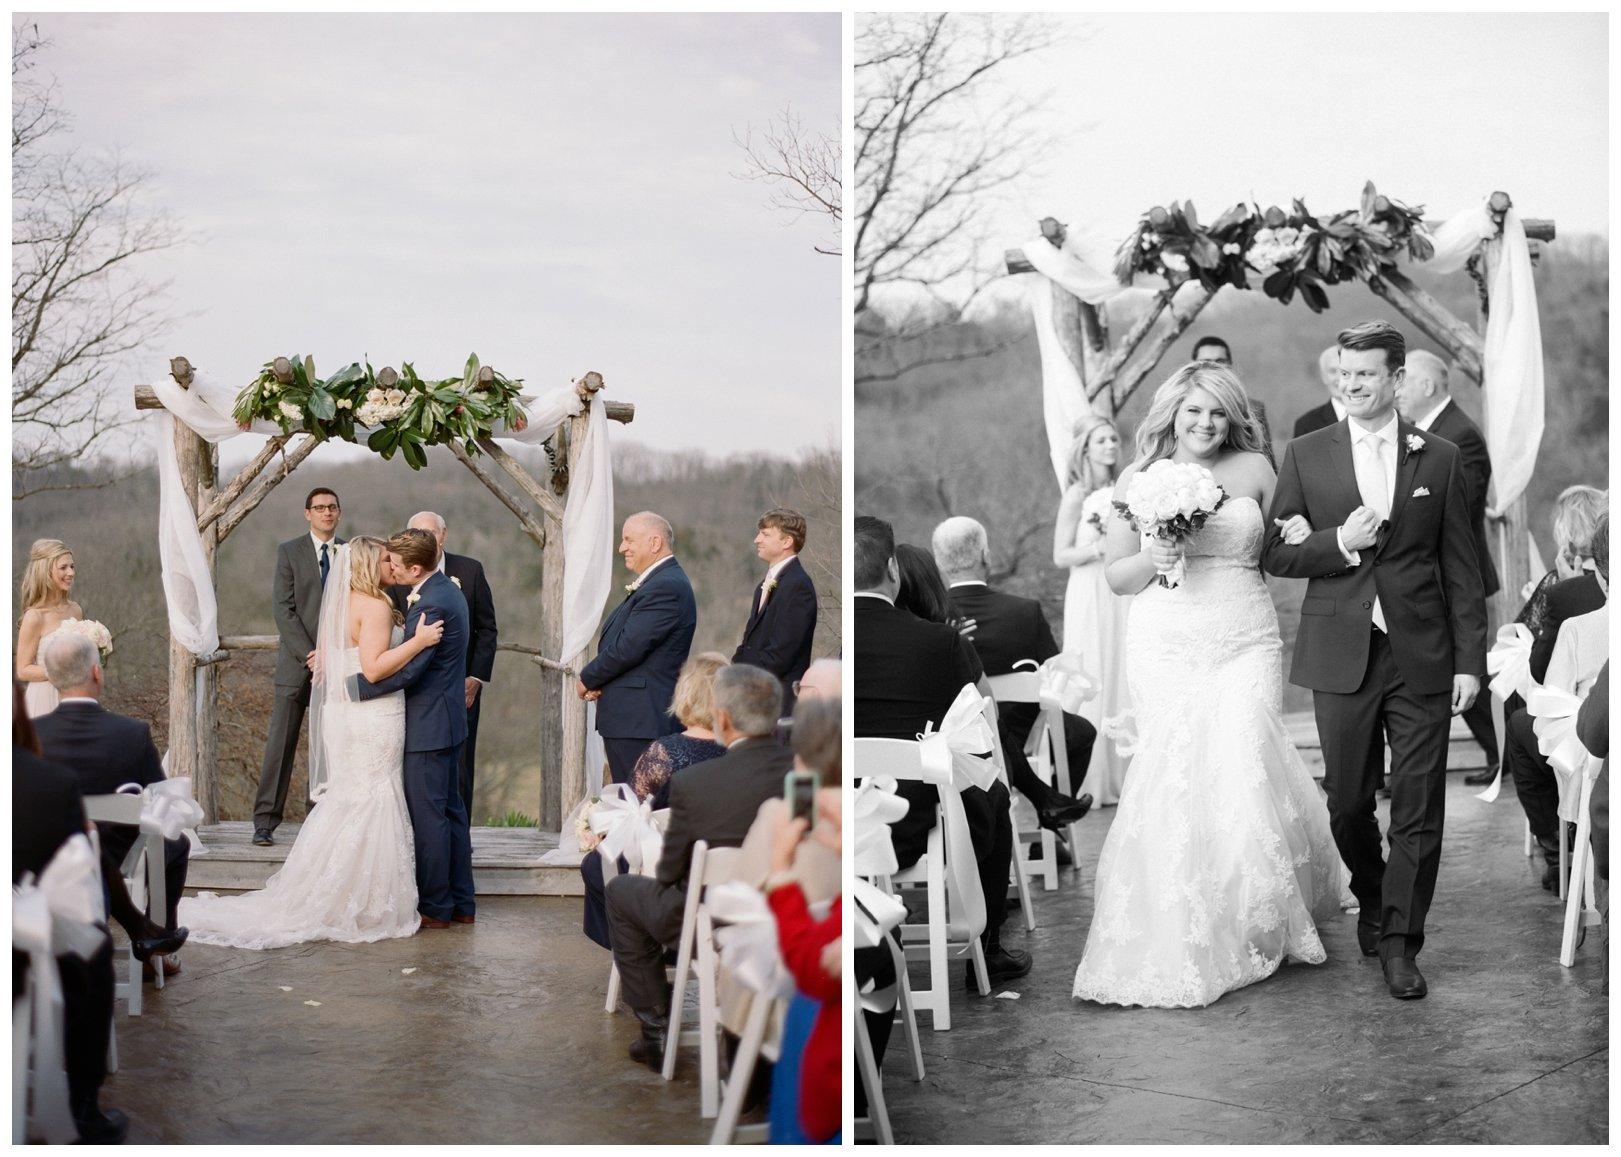 lauren muckler photography_fine art film wedding photography_st louis_photography_0988.jpg